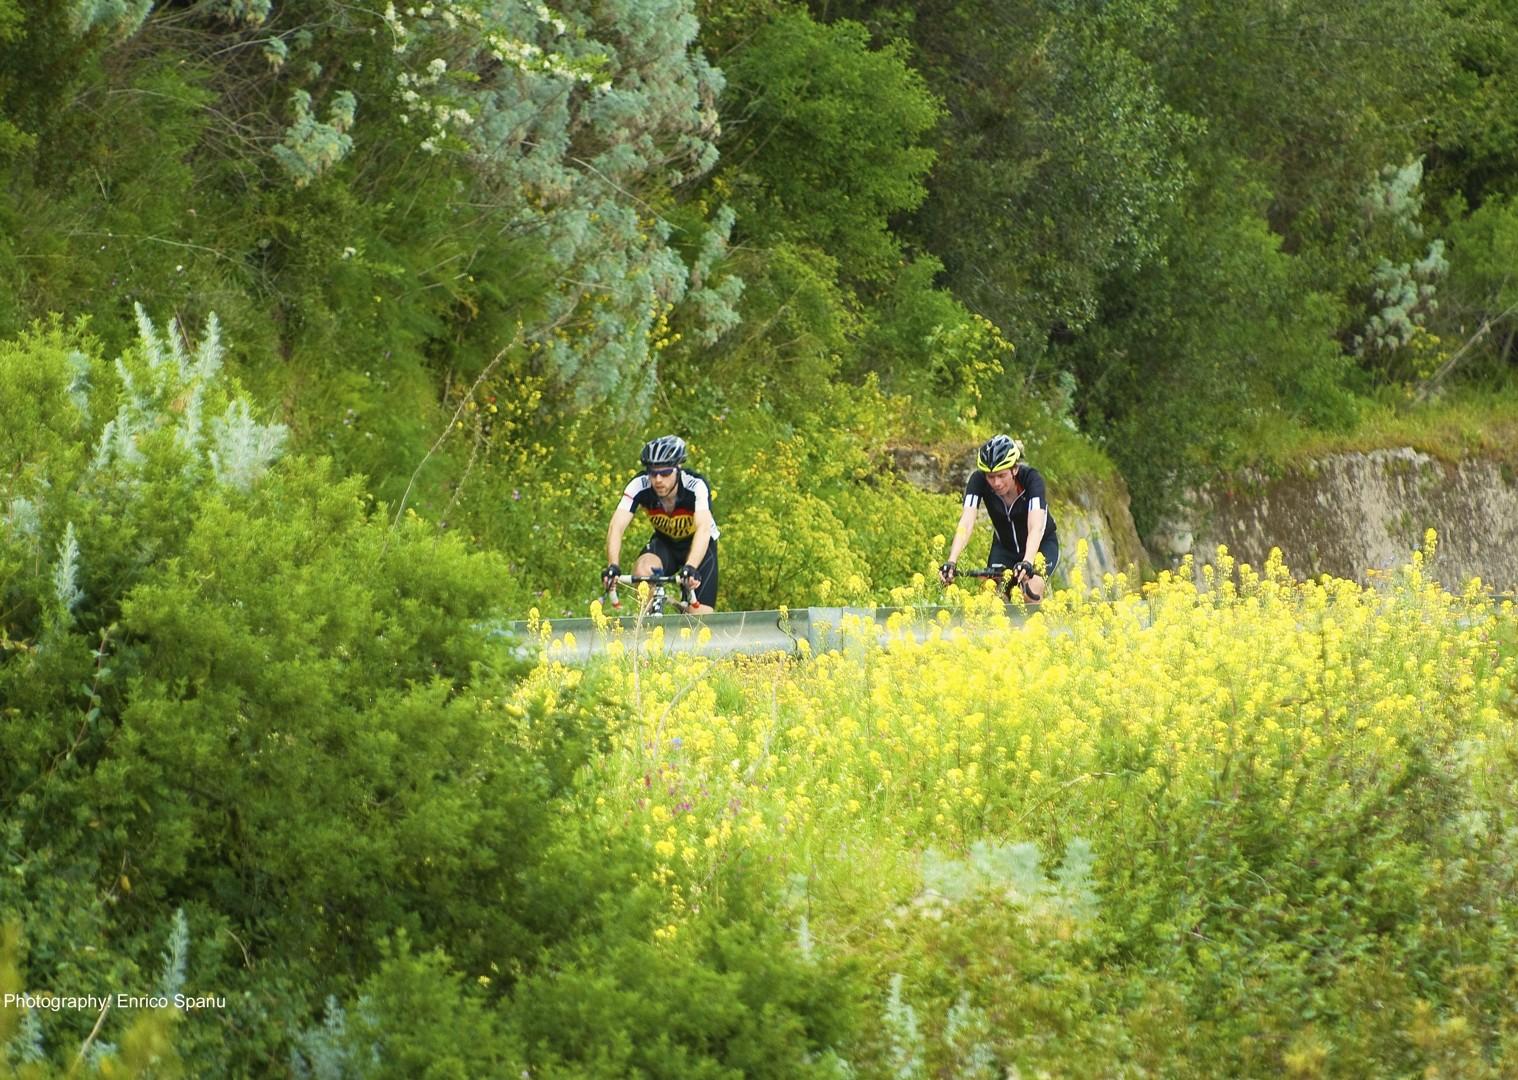 roadcyclingsardinia.jpg - Italy - Sardinia - Coast to Coast - Self-Guided Road Cycling Holiday - Italia Road Cycling